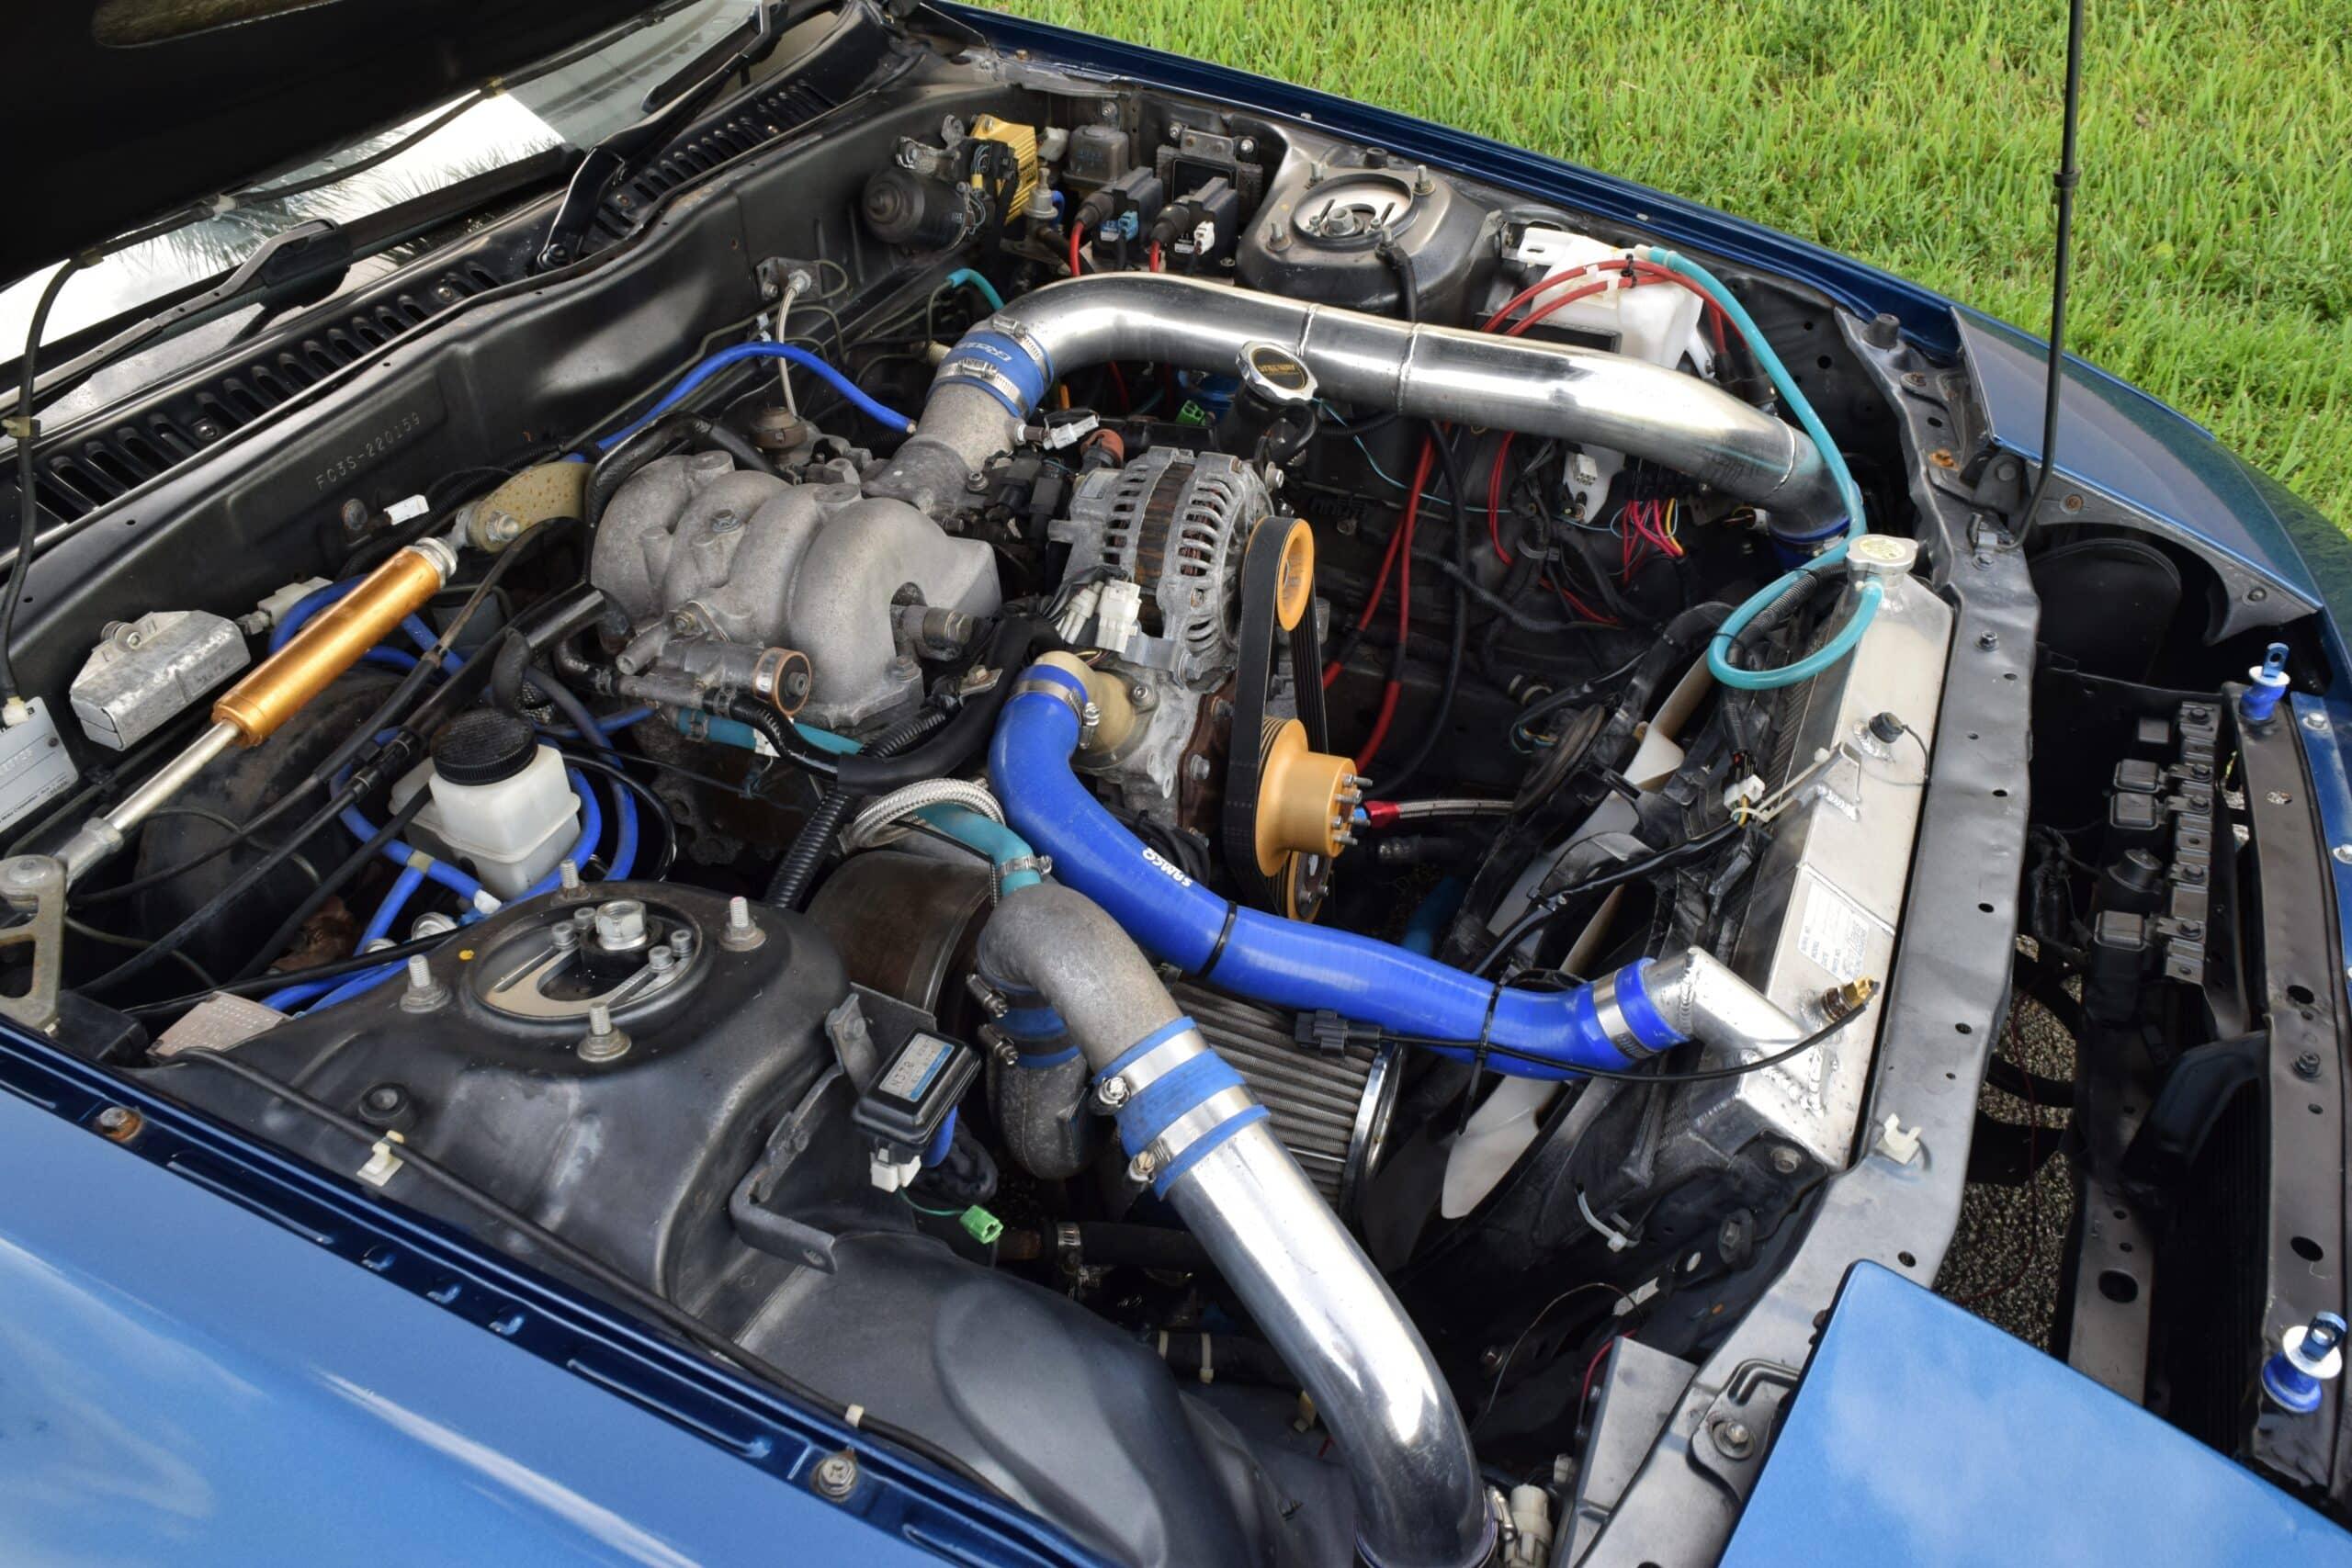 1990 Mazda RX-7 FC STILL WAY Built 400HP TD06 Single Turbo/ Bride Seats/ Cage / JDM / Full Suspension